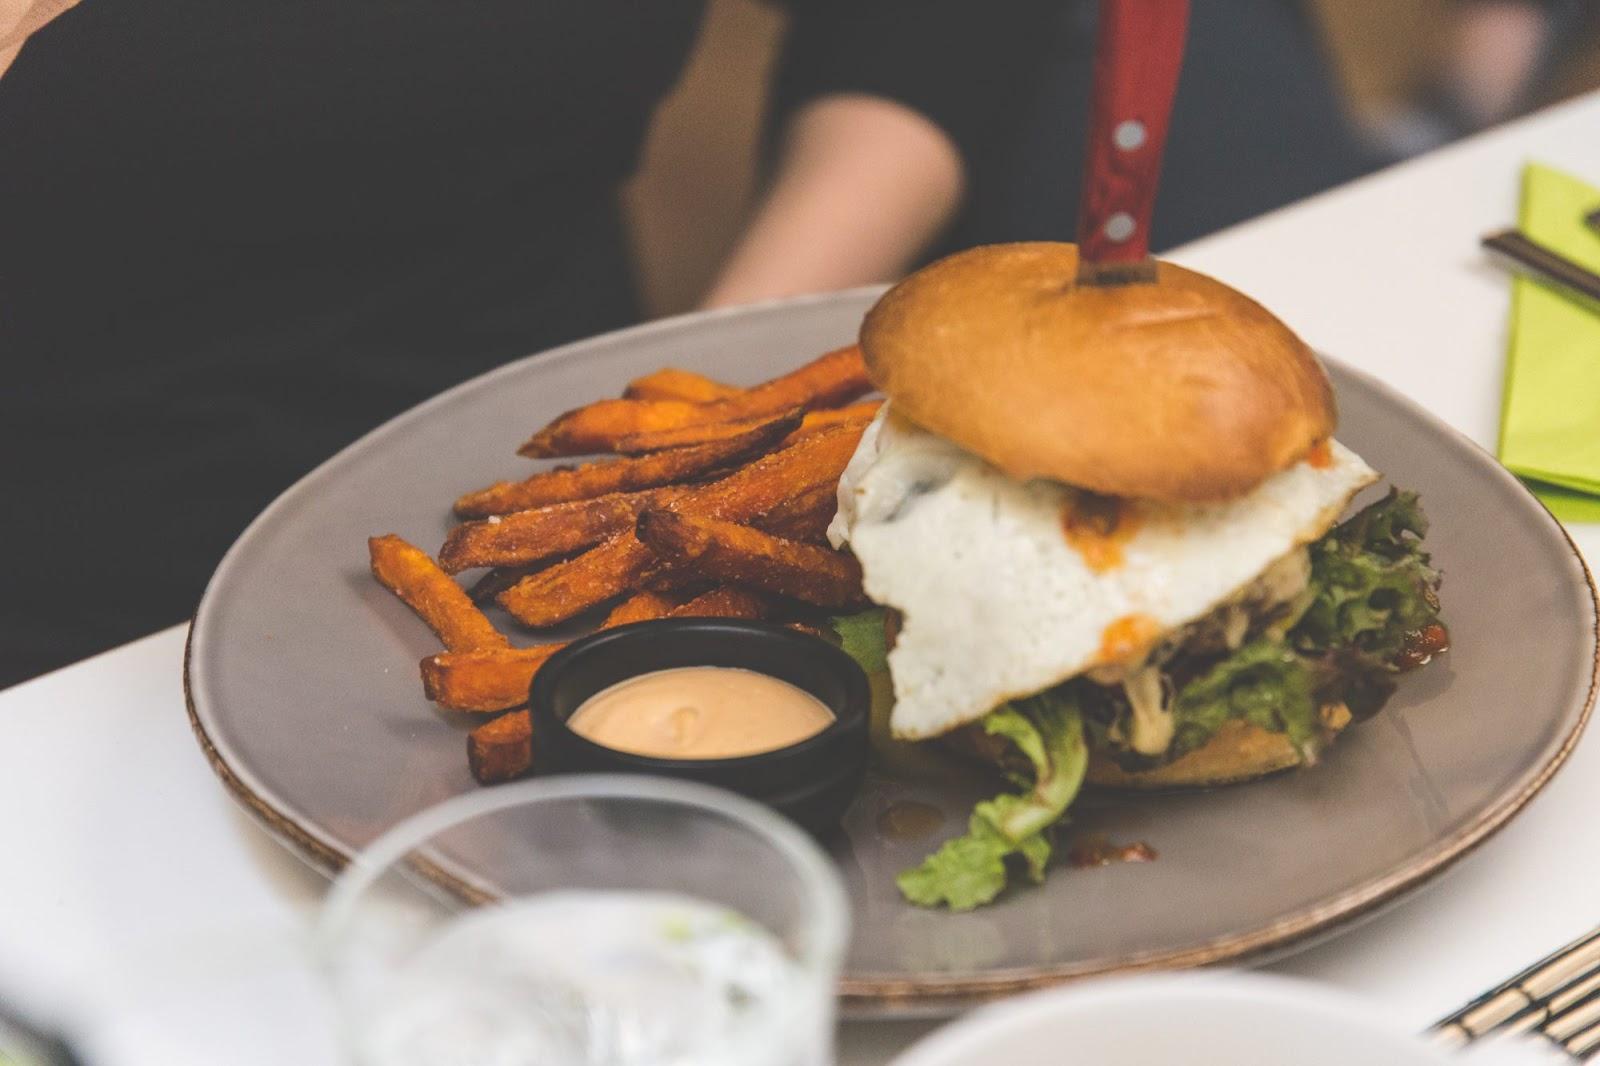 Bowlerin herkulliset burgerannokset ansaitsevat bloggaajien suositukset!